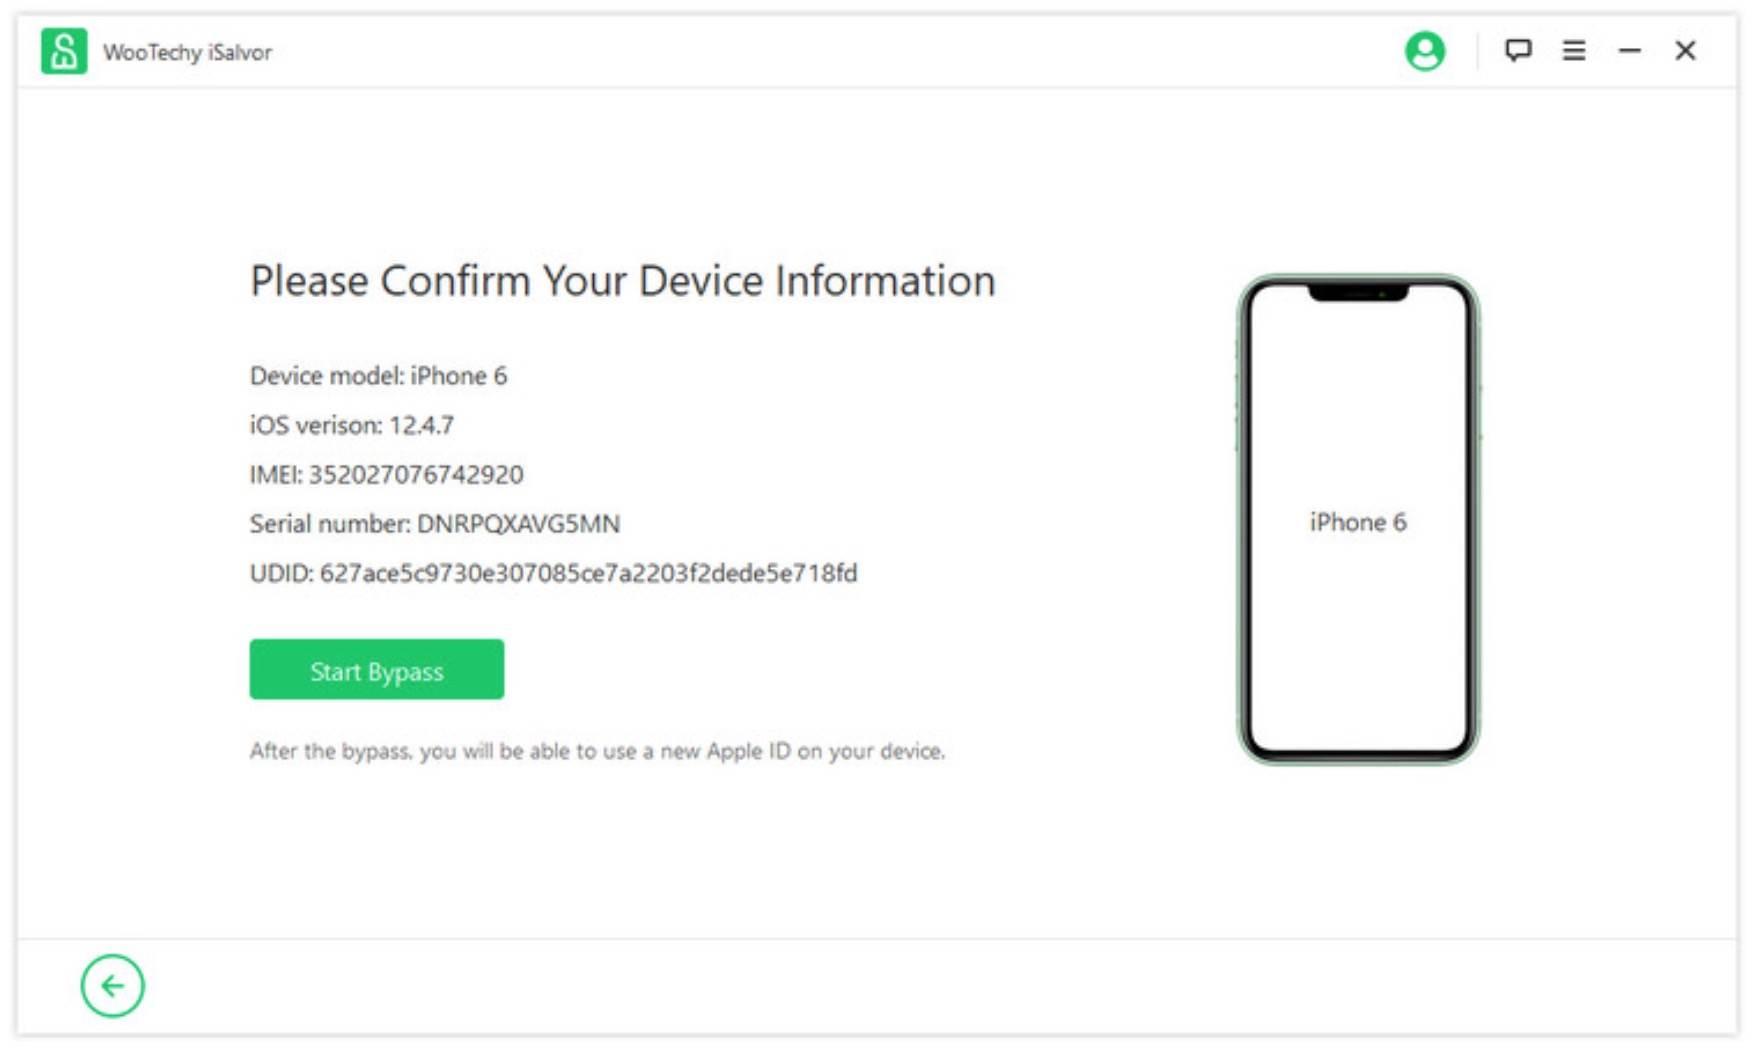 Jak usunąć blokadę aktywacji z iPhone, iPad? ciekawostki zablokowany IPhone, usunięcie icloud, usunięcie blokady, blokada iCloud  Blokada aktywacji ma na celu zapewnienie bezpieczeństwa urządzeń Apple i informacji o użytkowniku, ale czasami może stać się to sporym problemem. 1@2x 14